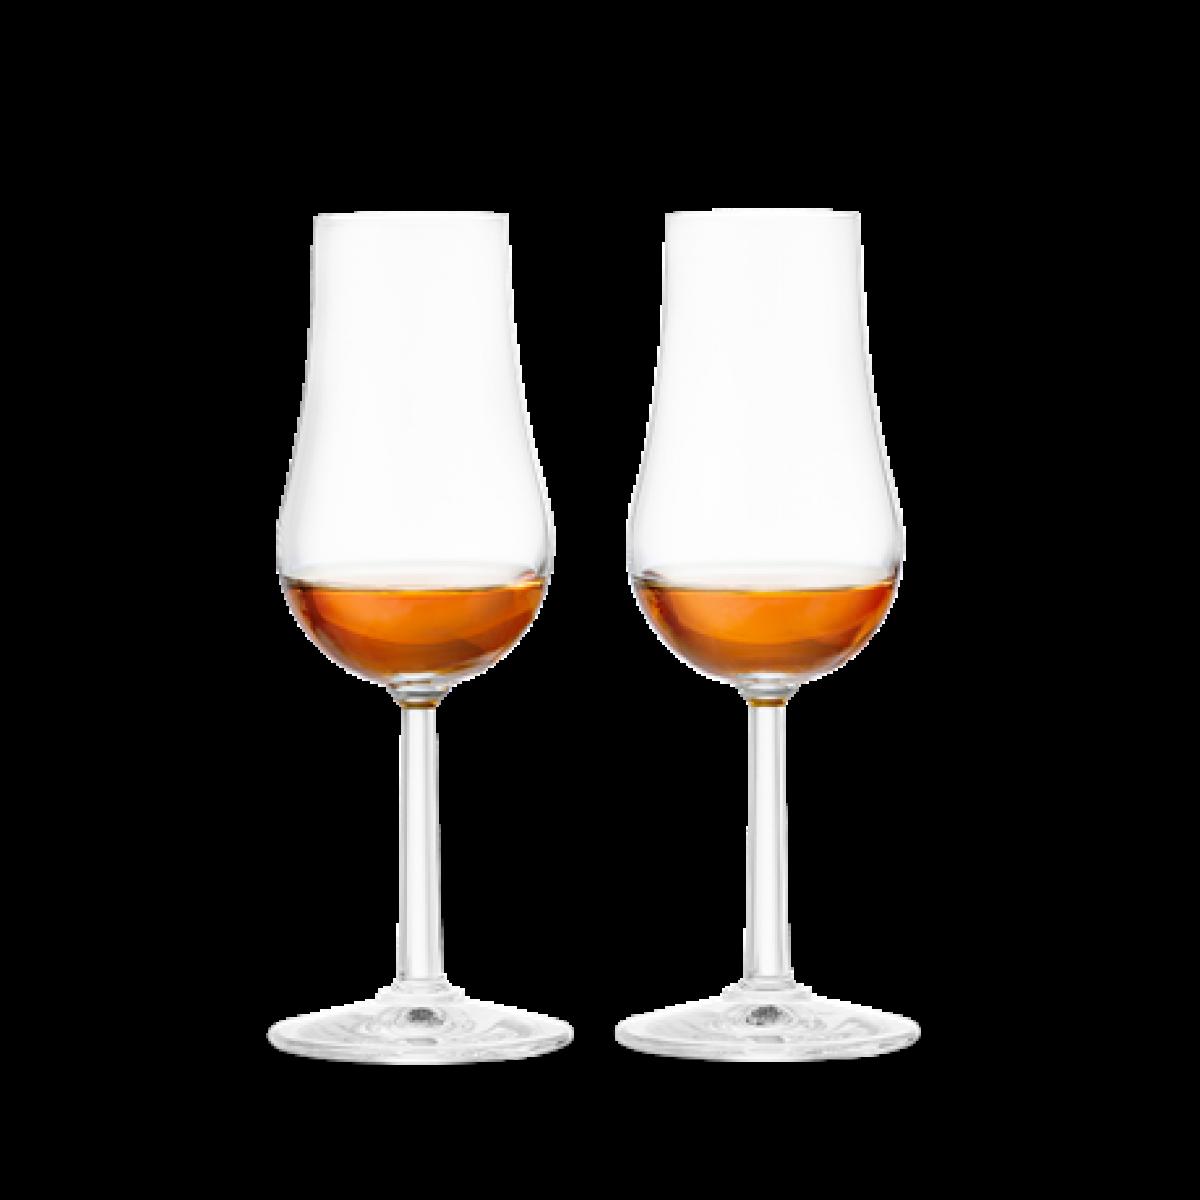 ROSENDAHL Grand Cru spiritusglas 2 stk. 24 cl.